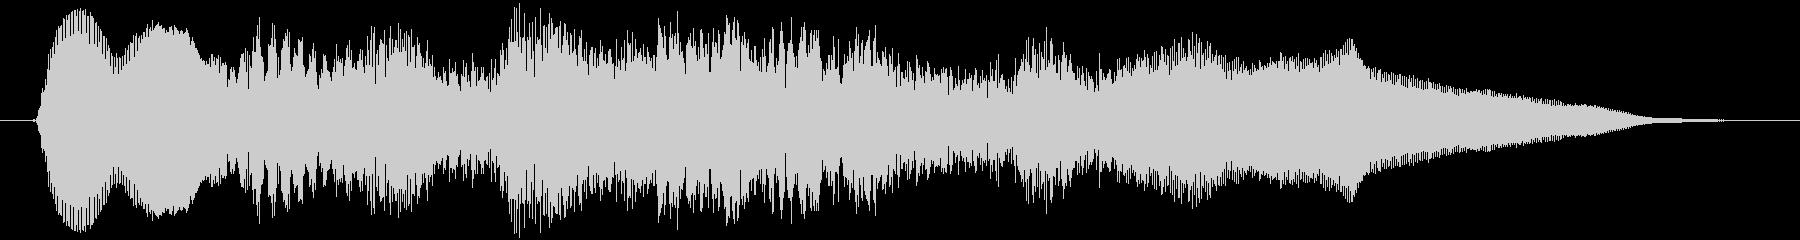 ティーロリロリロリーン(アジア、弦楽器)の未再生の波形